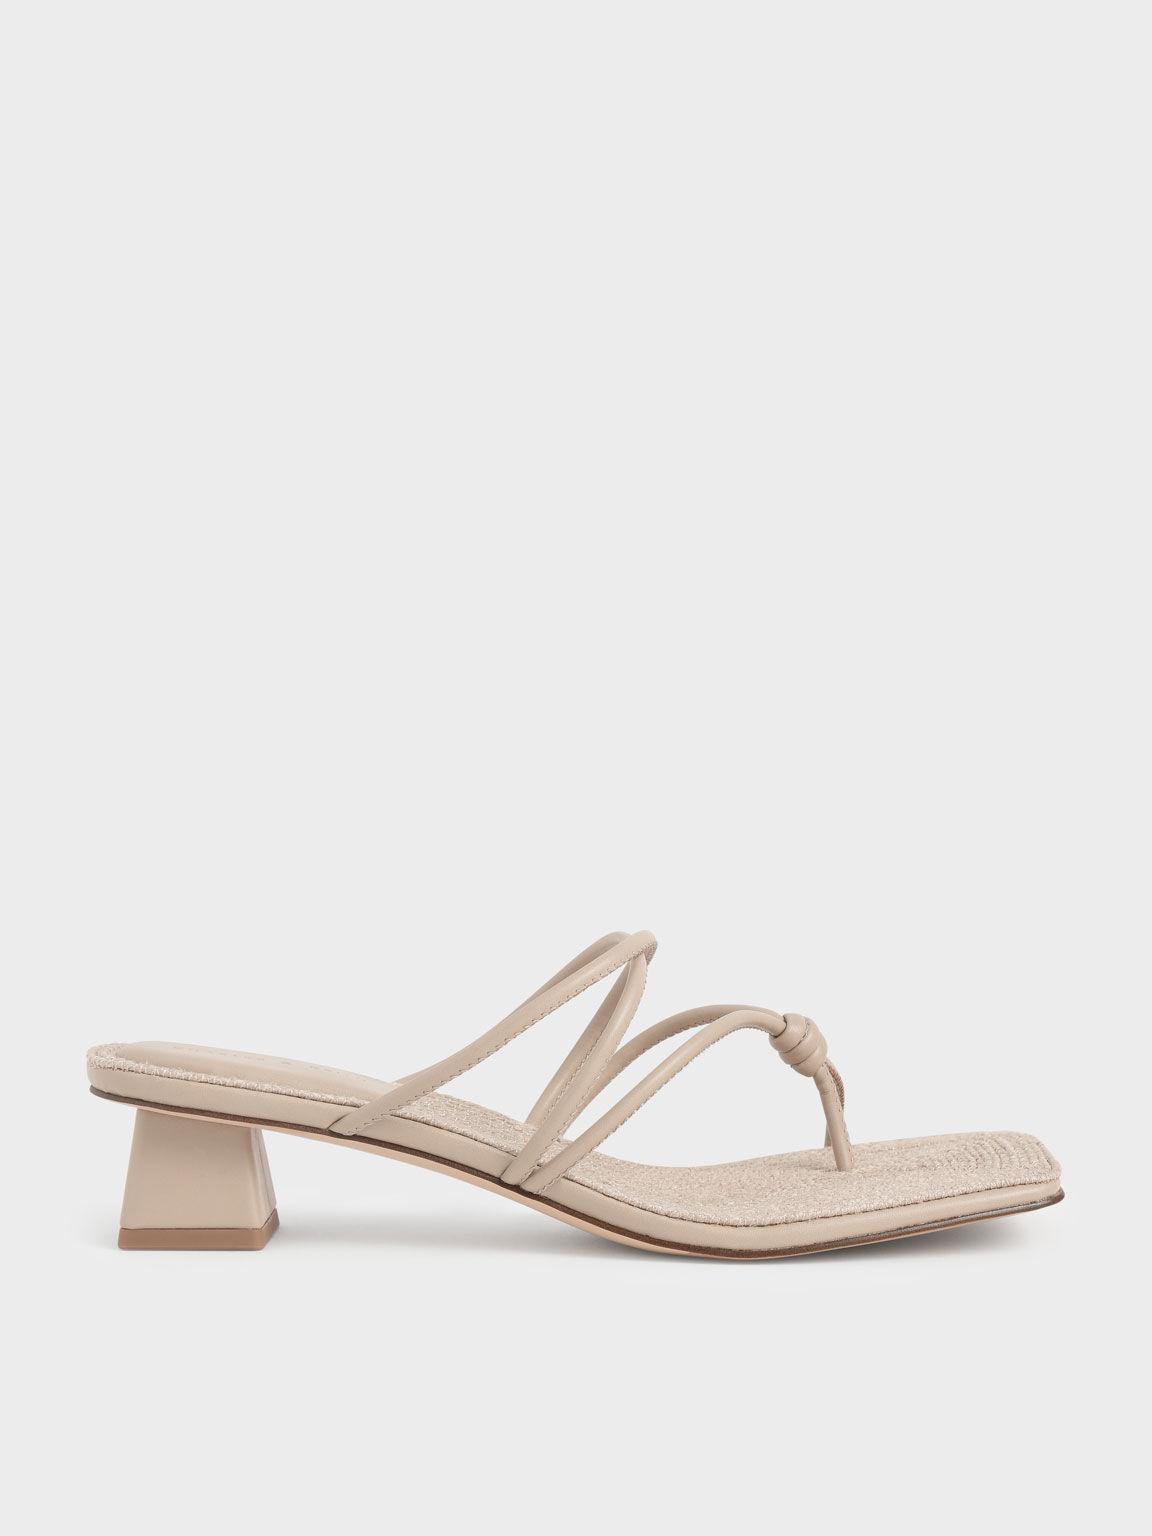 Sandal Toe Loop Strappy Heeled, Beige, hi-res